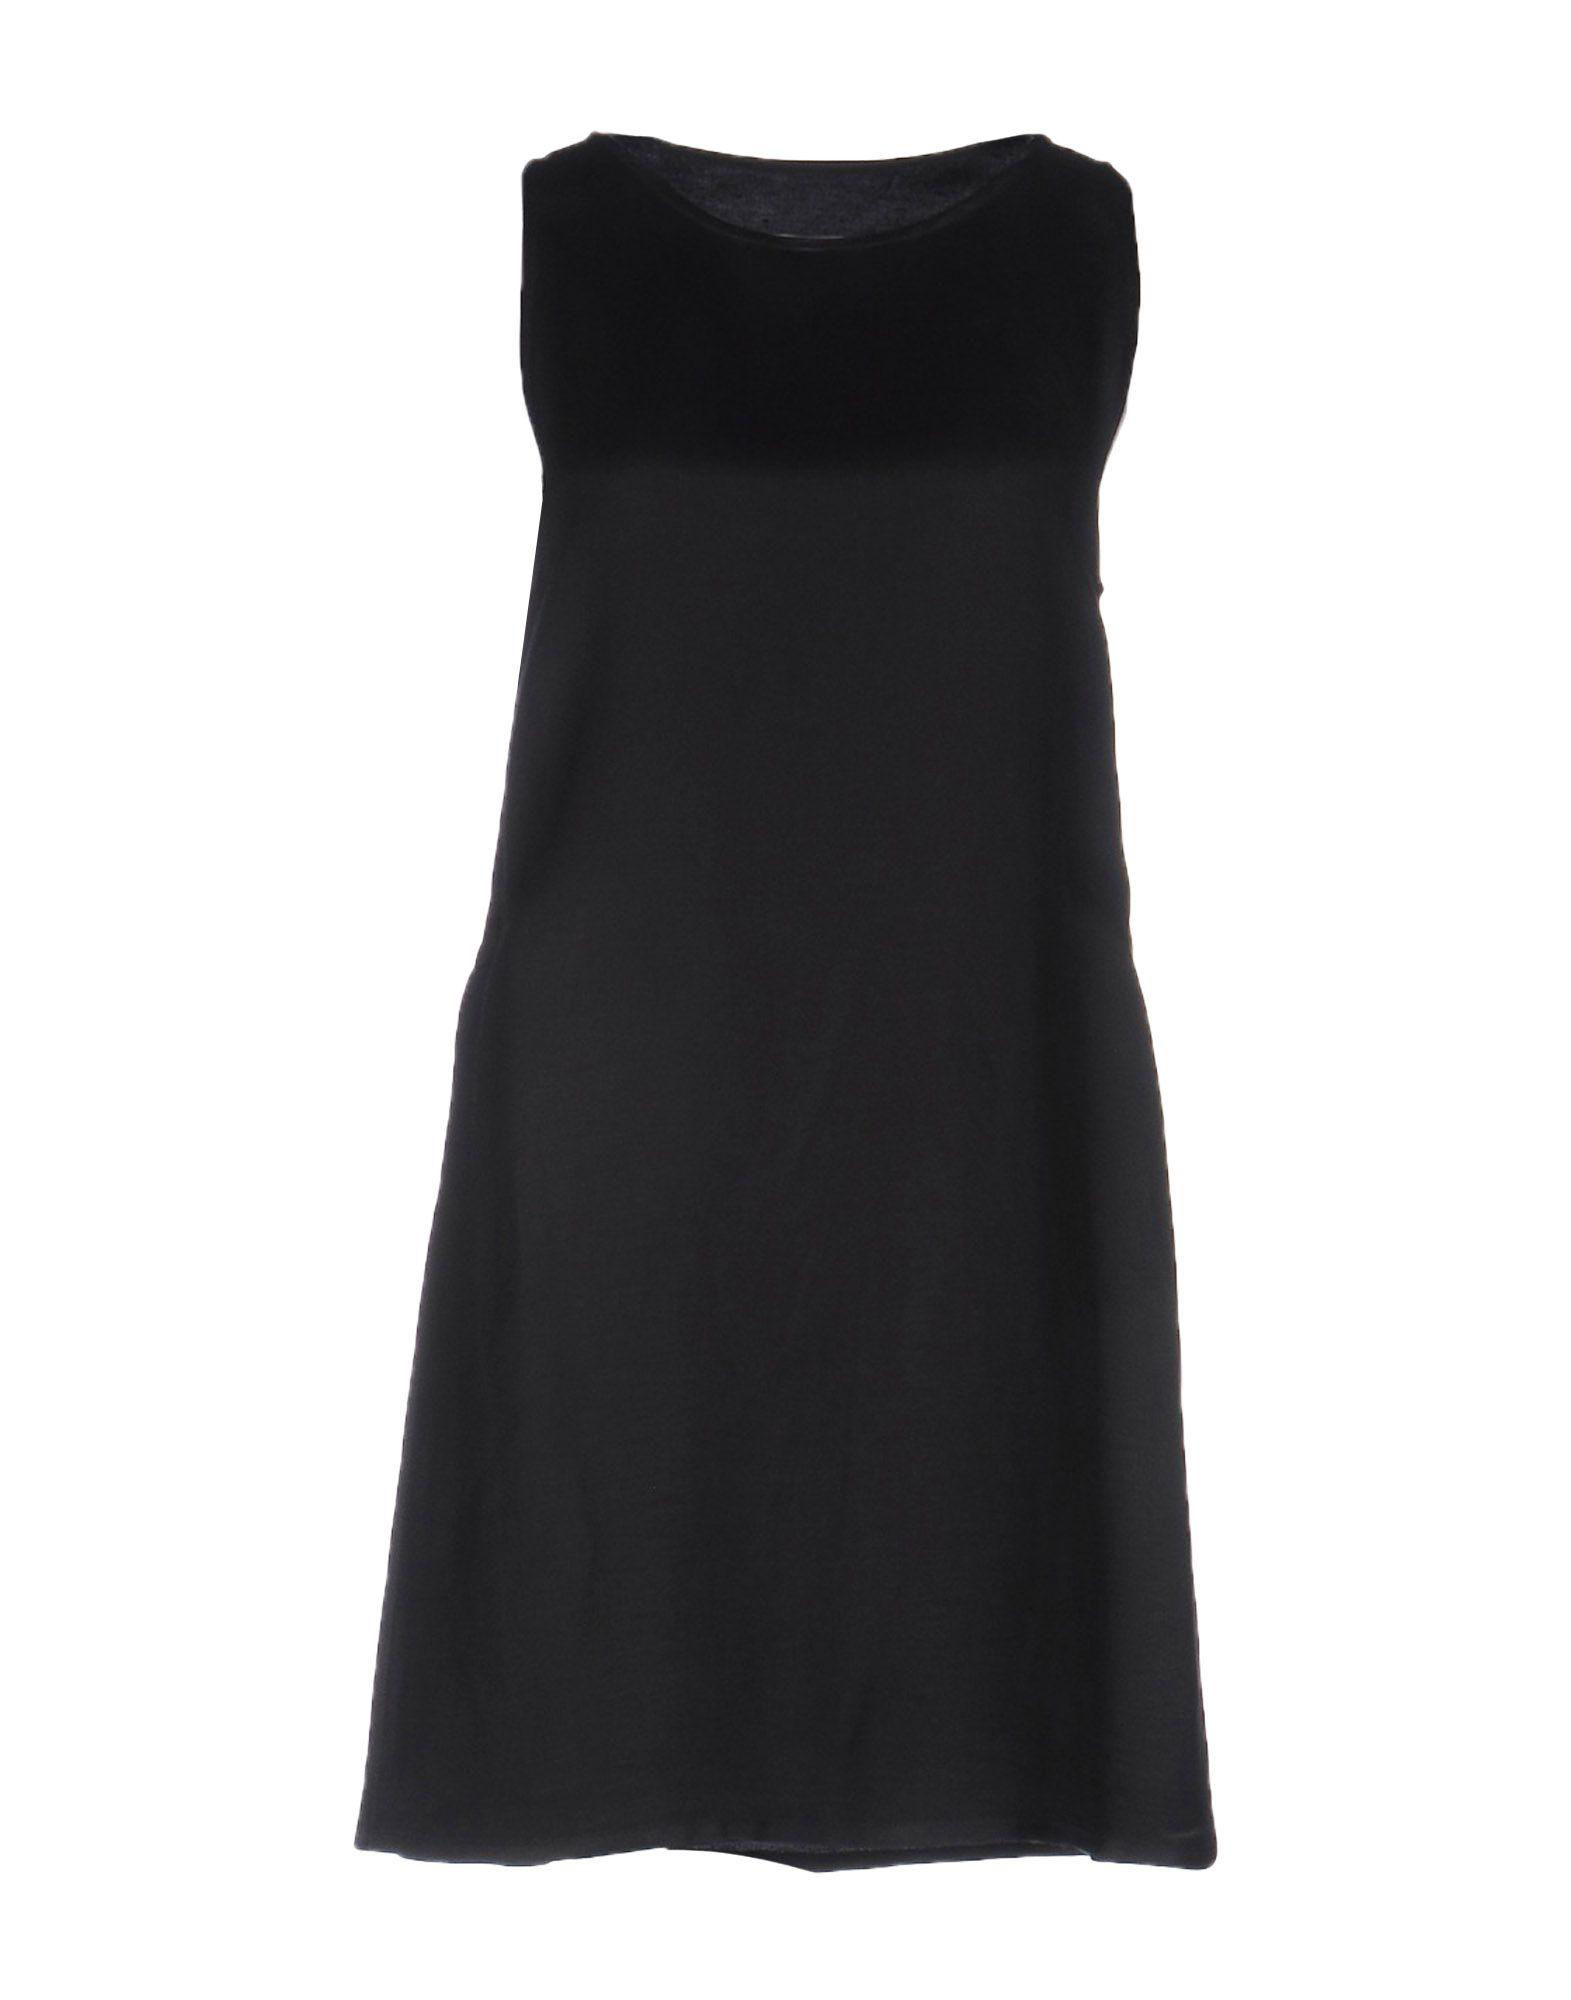 MM6 MAISON MARGIELA Damen Kurzes Kleid Farbe Schwarz Größe 6 jetztbilligerkaufen